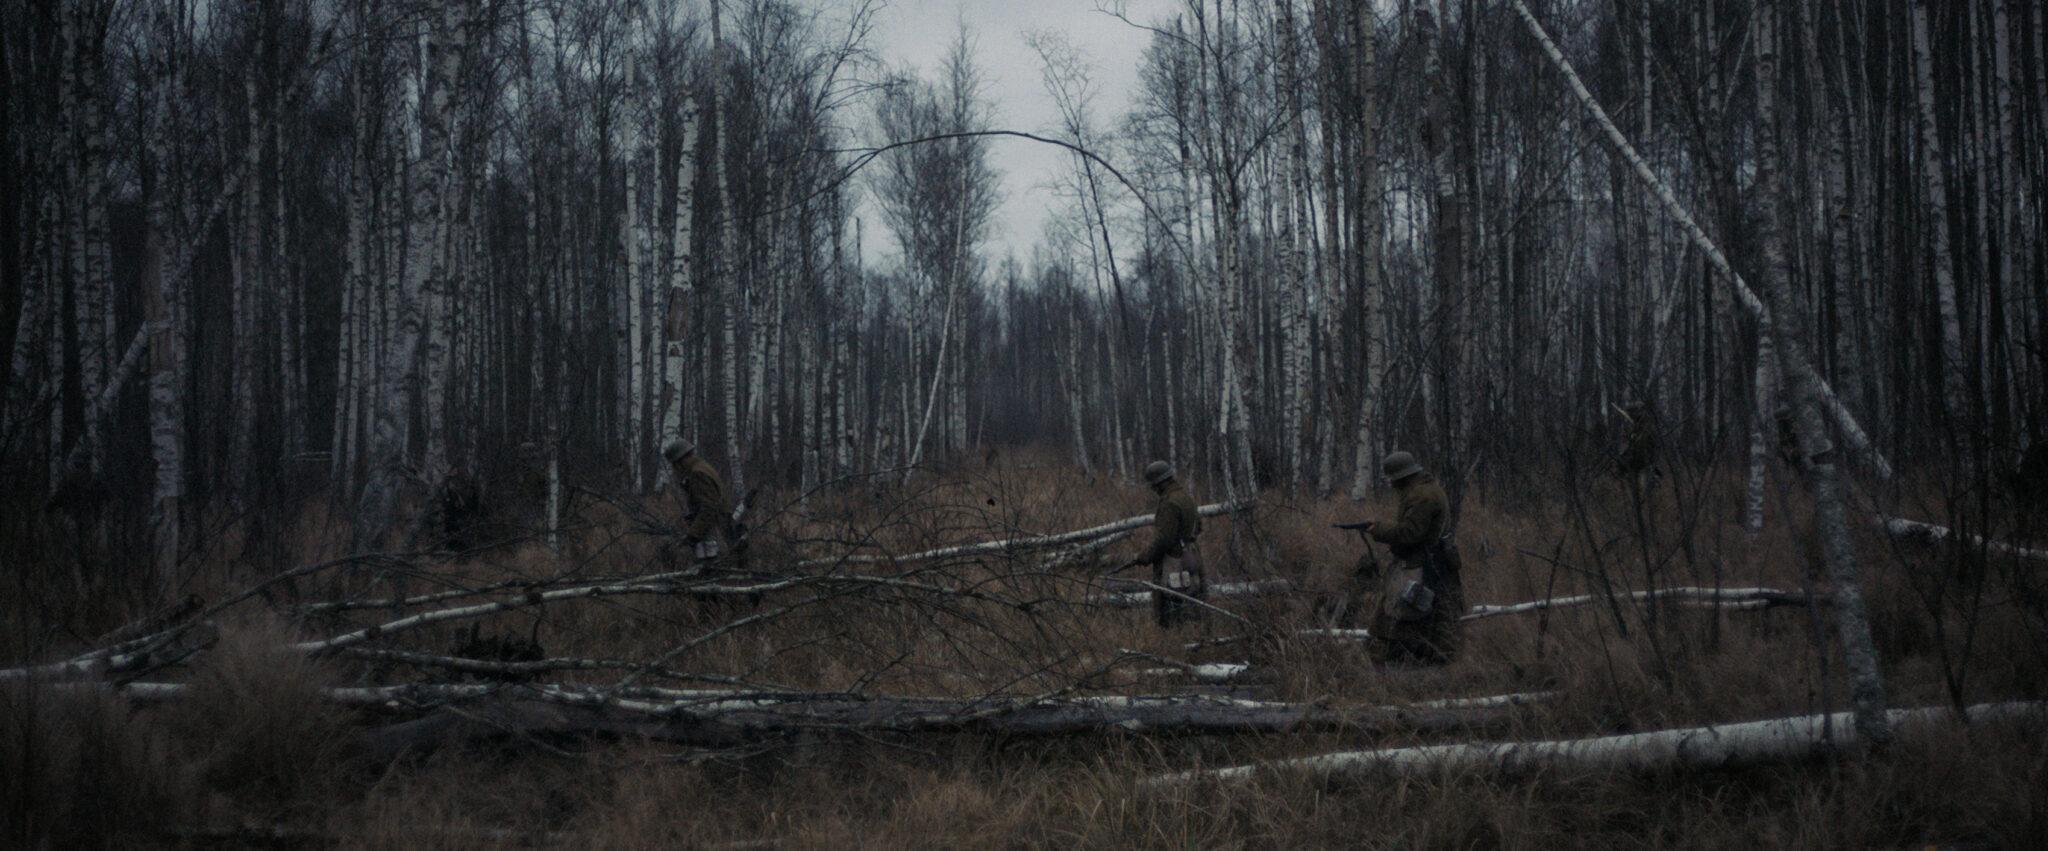 Eine Totale zeigt eine Waldszene, in der drei uniformierte Soldaten von rechts nach links eine Lichtung durchschreiten. Im Hintergrund sieht man etliche karge Birkenstämme.